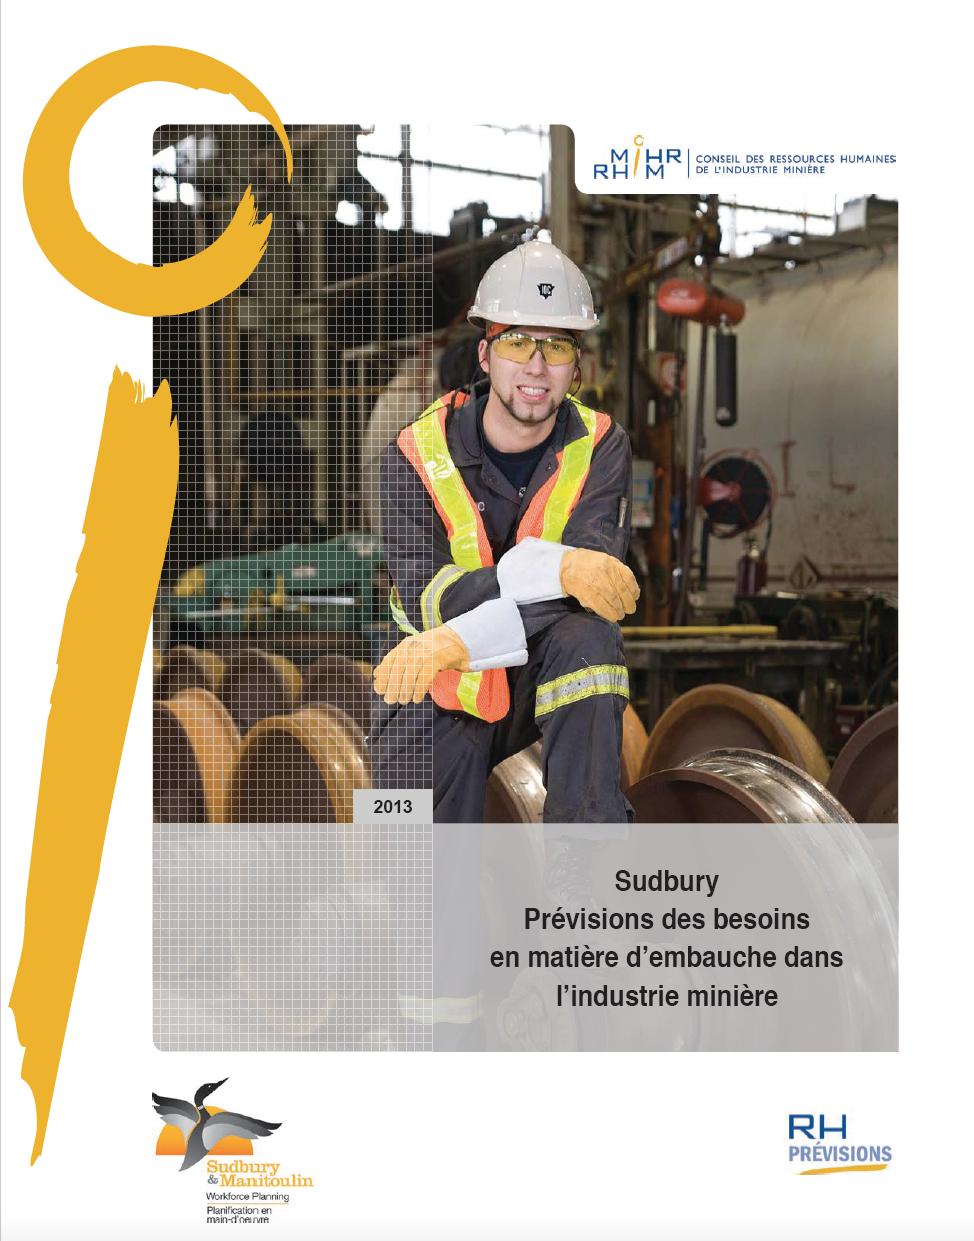 Prévisions des besoins de main-d'œuvre dans le secteur minier de Sudbury en 2013